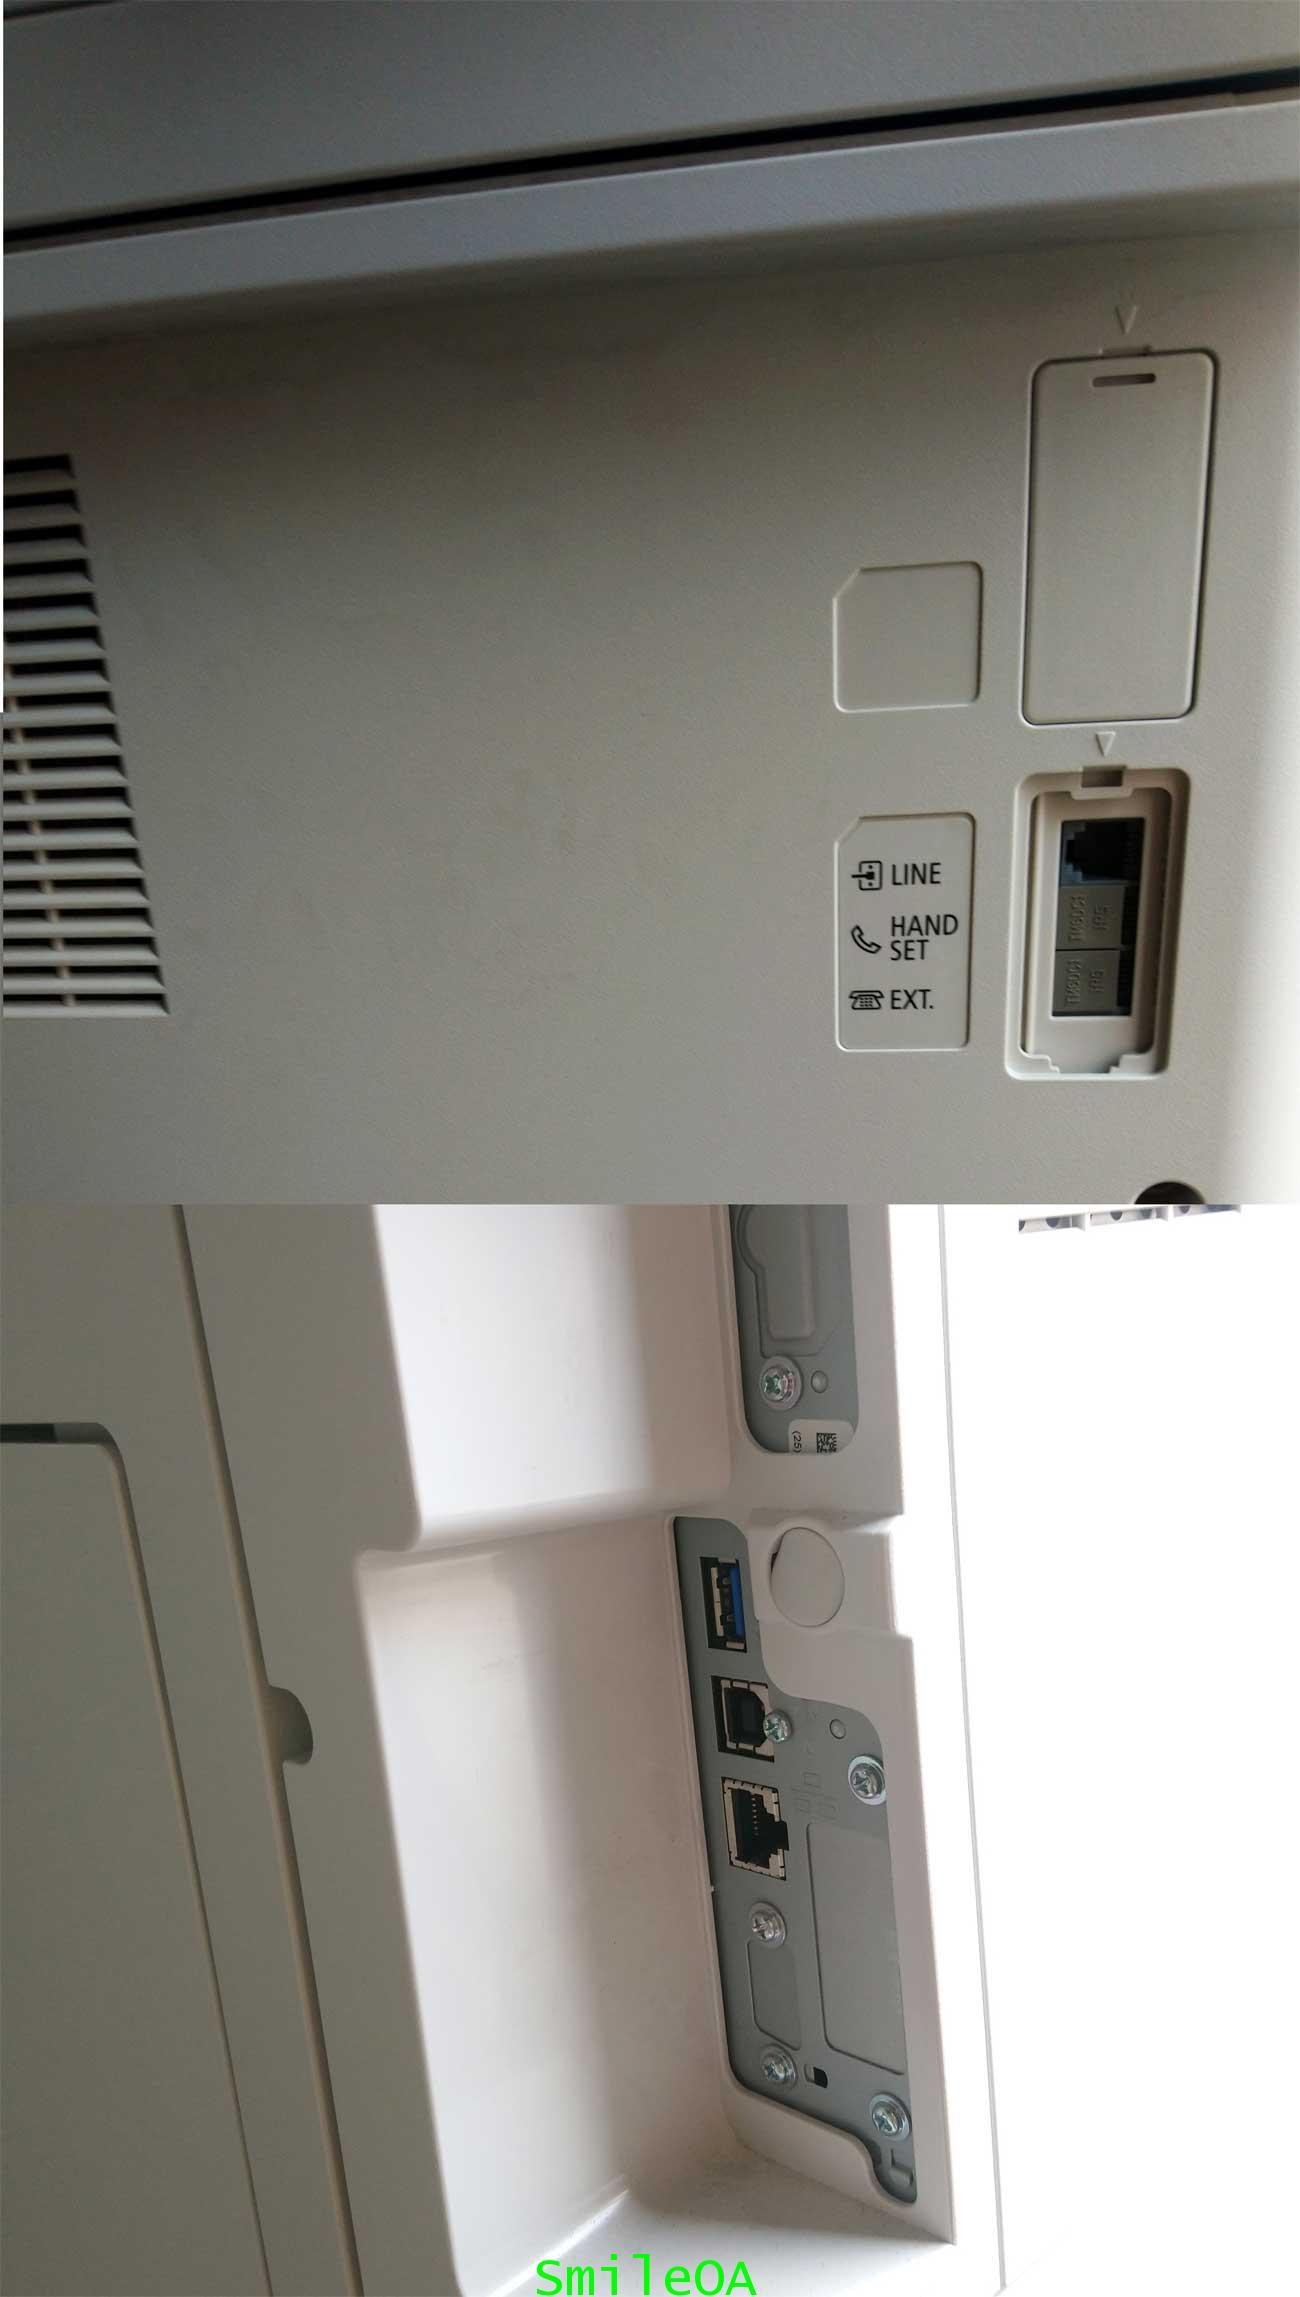 เครื่องถ่ายเอกสารสีมือสอง CANON Advance C3525i รุ่นใหม่ชนห้าง มิเตอร์น้อยมาก 3